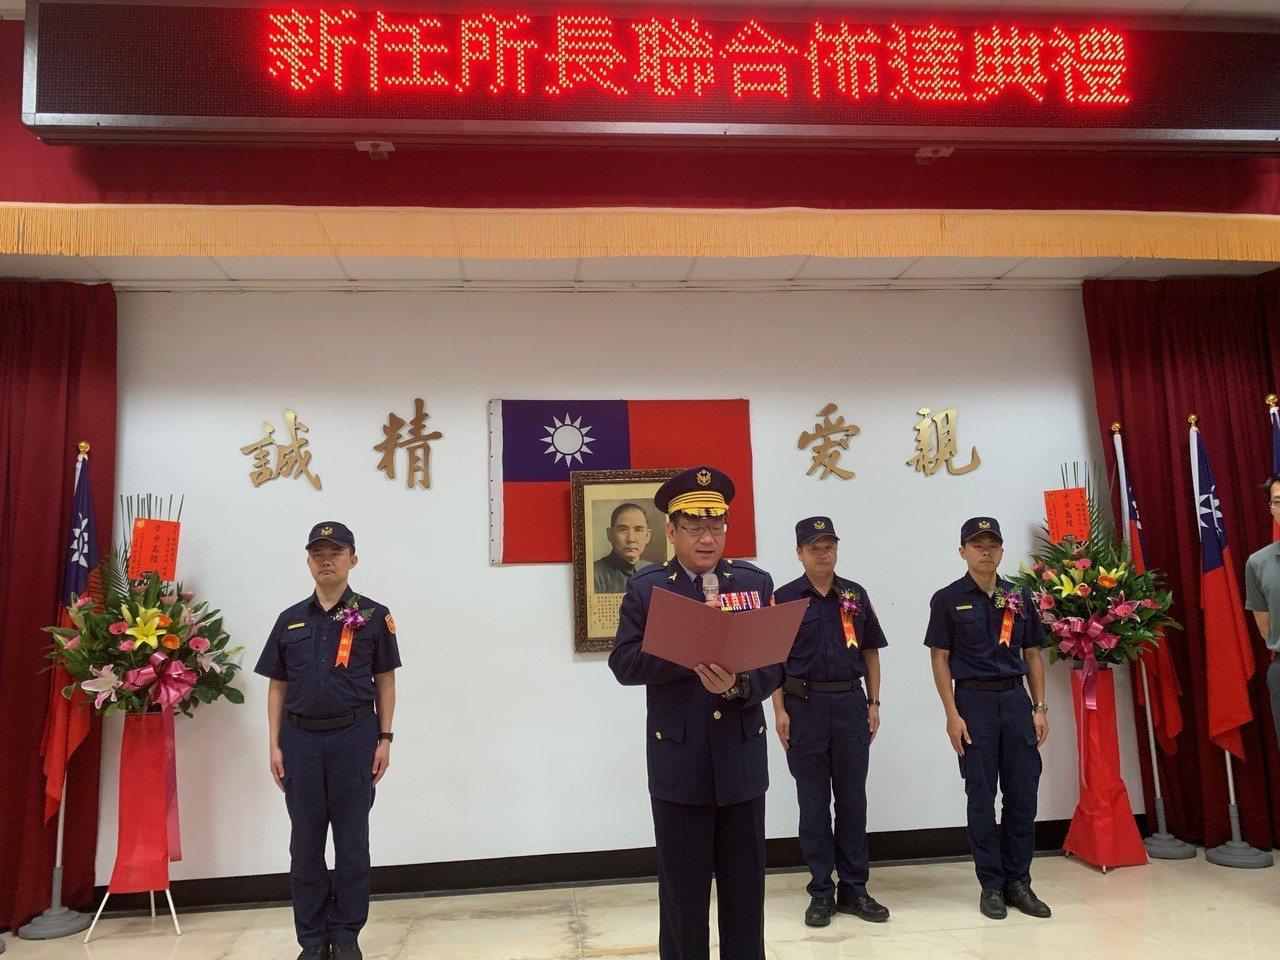 桃園市楊梅警分局,今天舉行幼獅所、富岡所所長交接典禮。圖/楊梅警分局提供